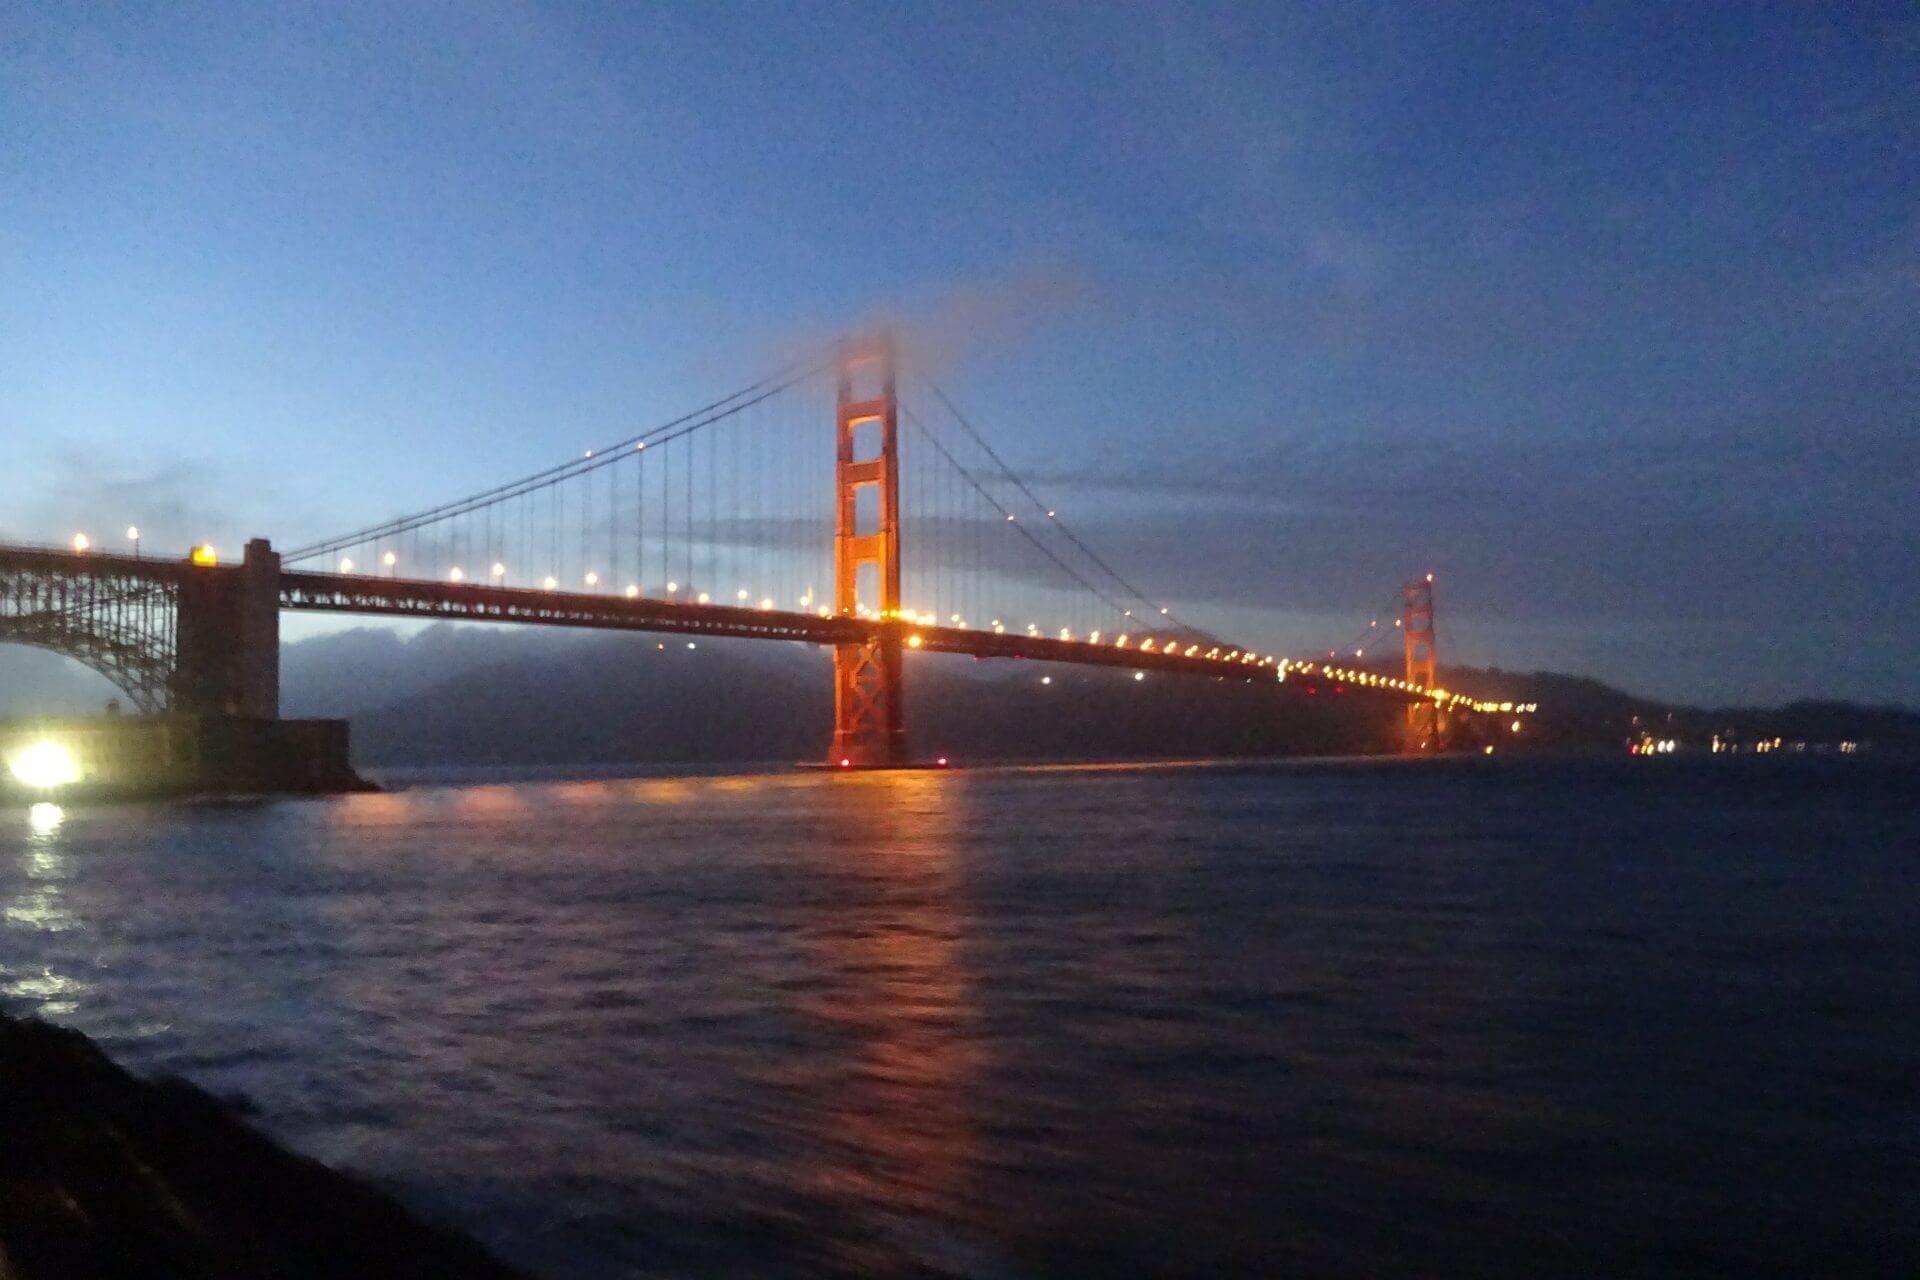 Golden Gate Bridge am Abend. Bilder und Eindrücke aus San Francisco, California, United States.